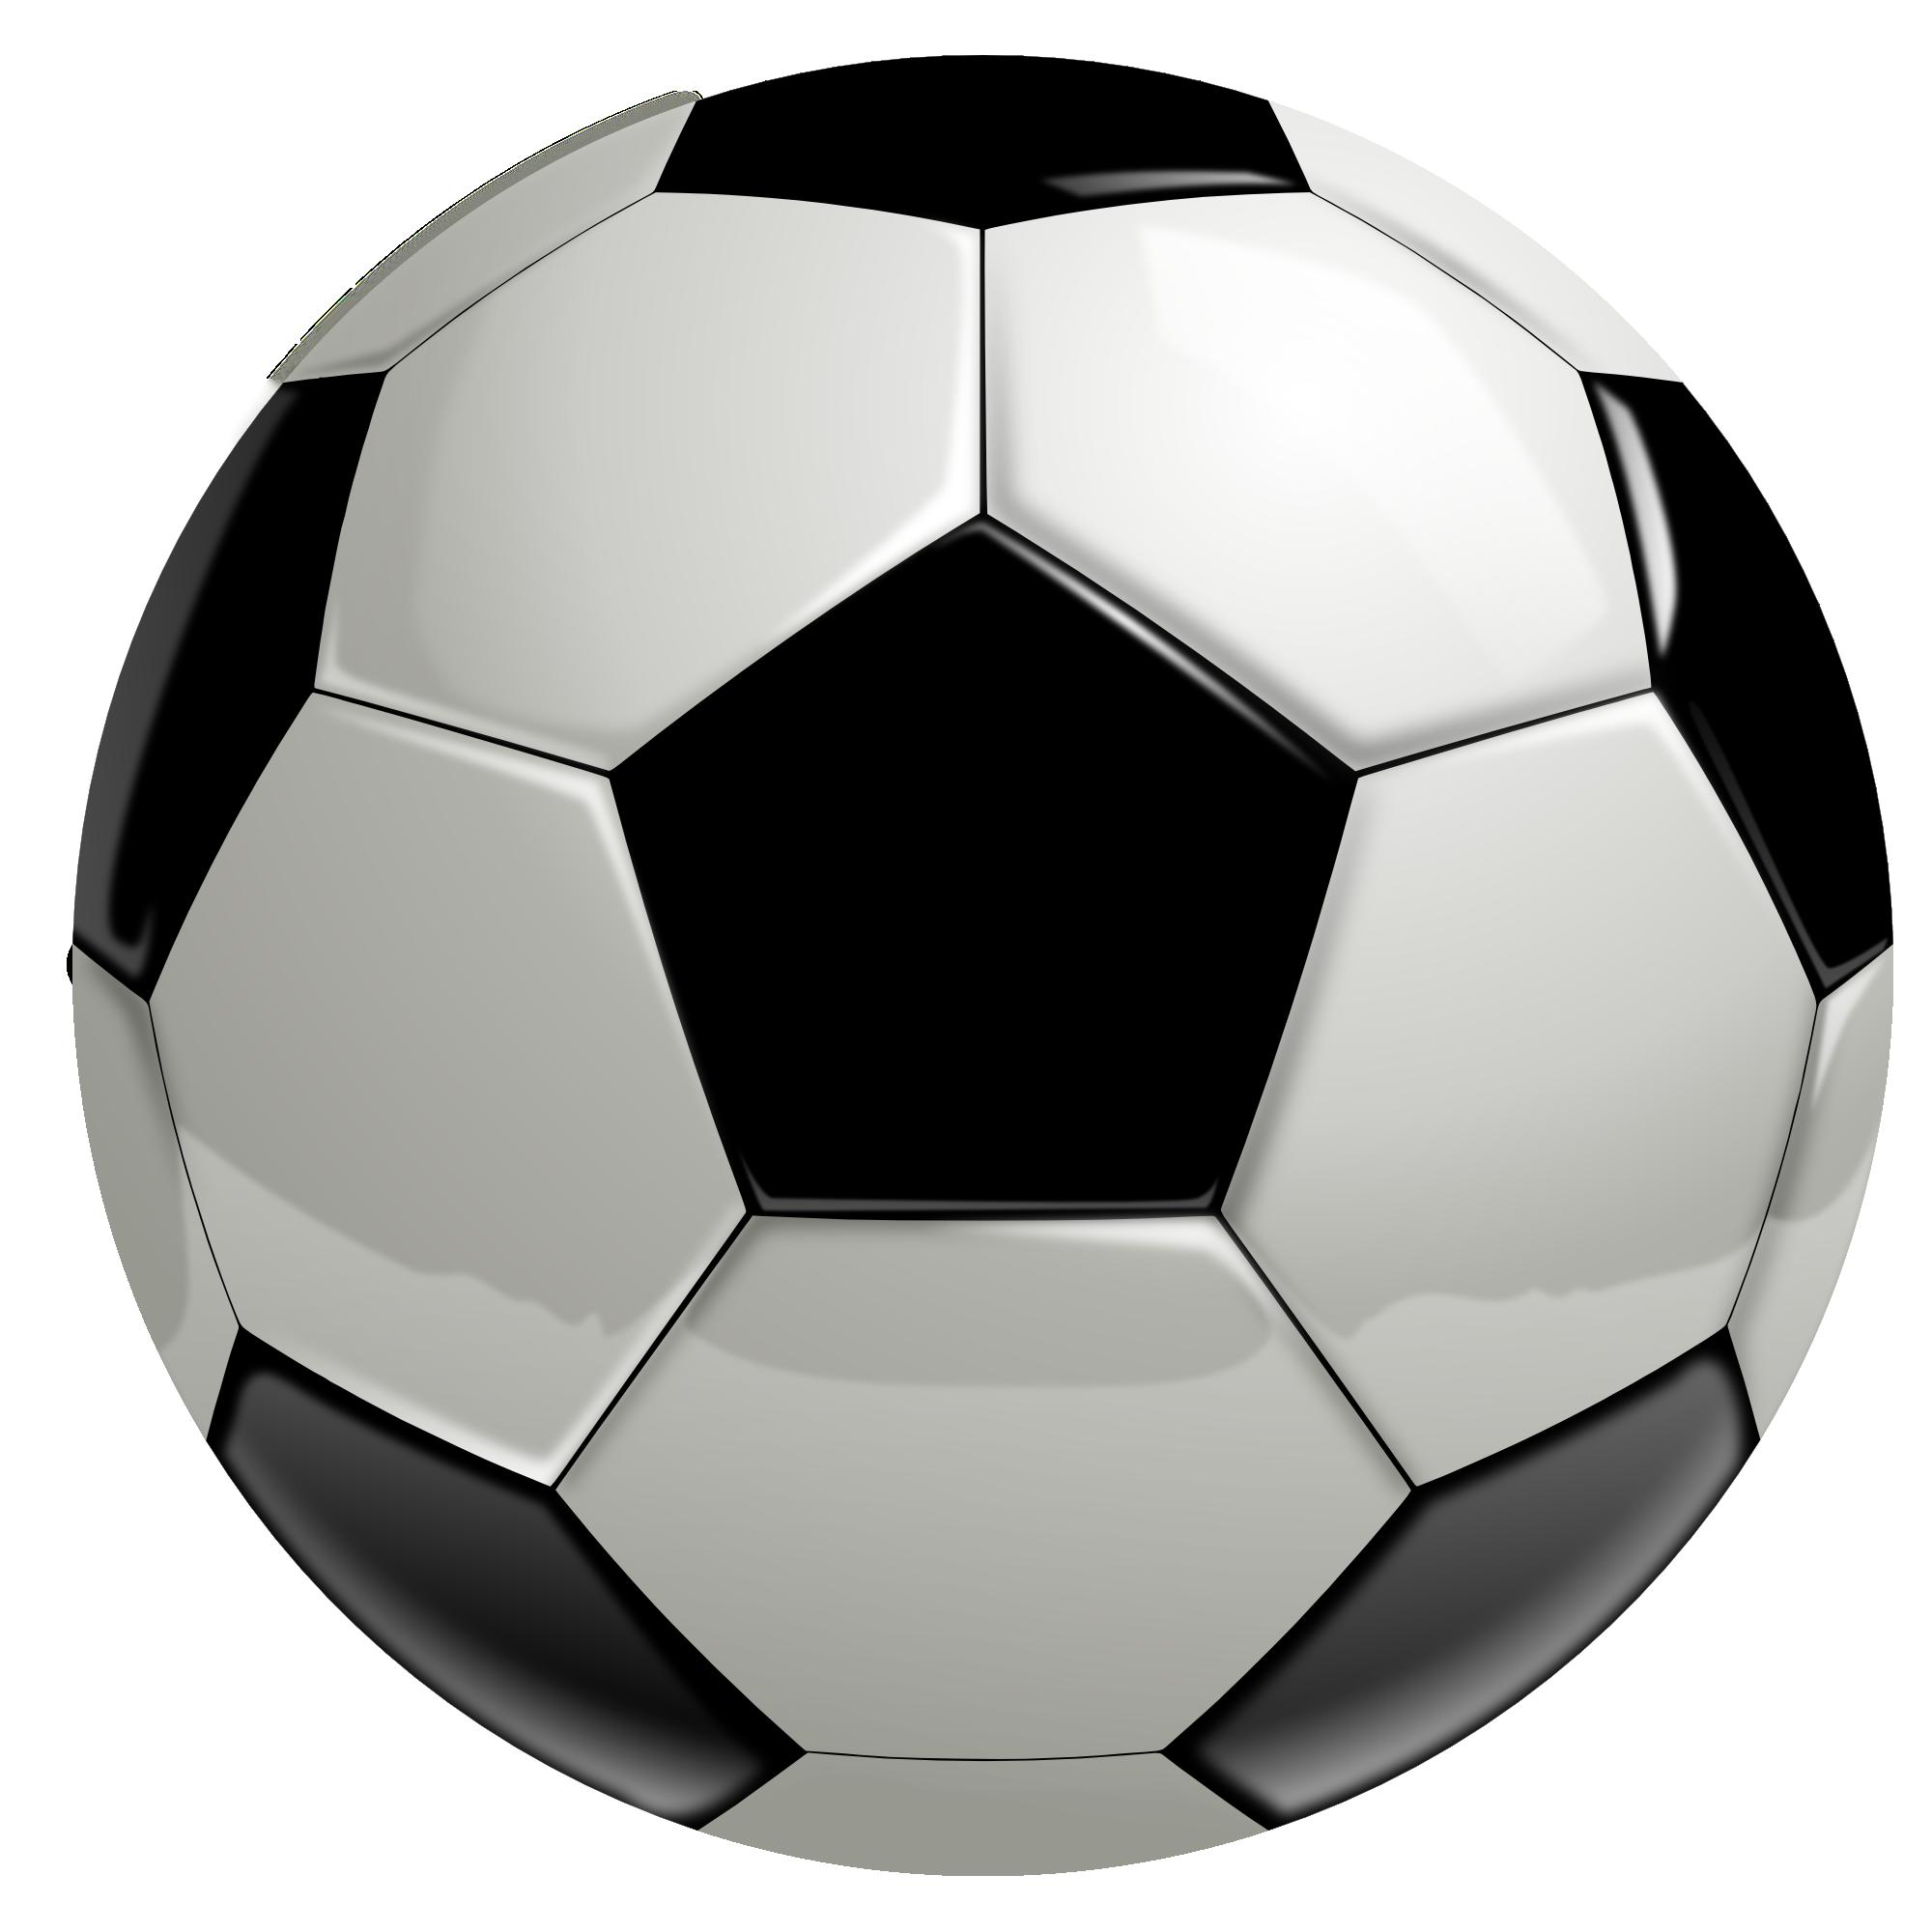 2000x2000 Football Png Transparent Image